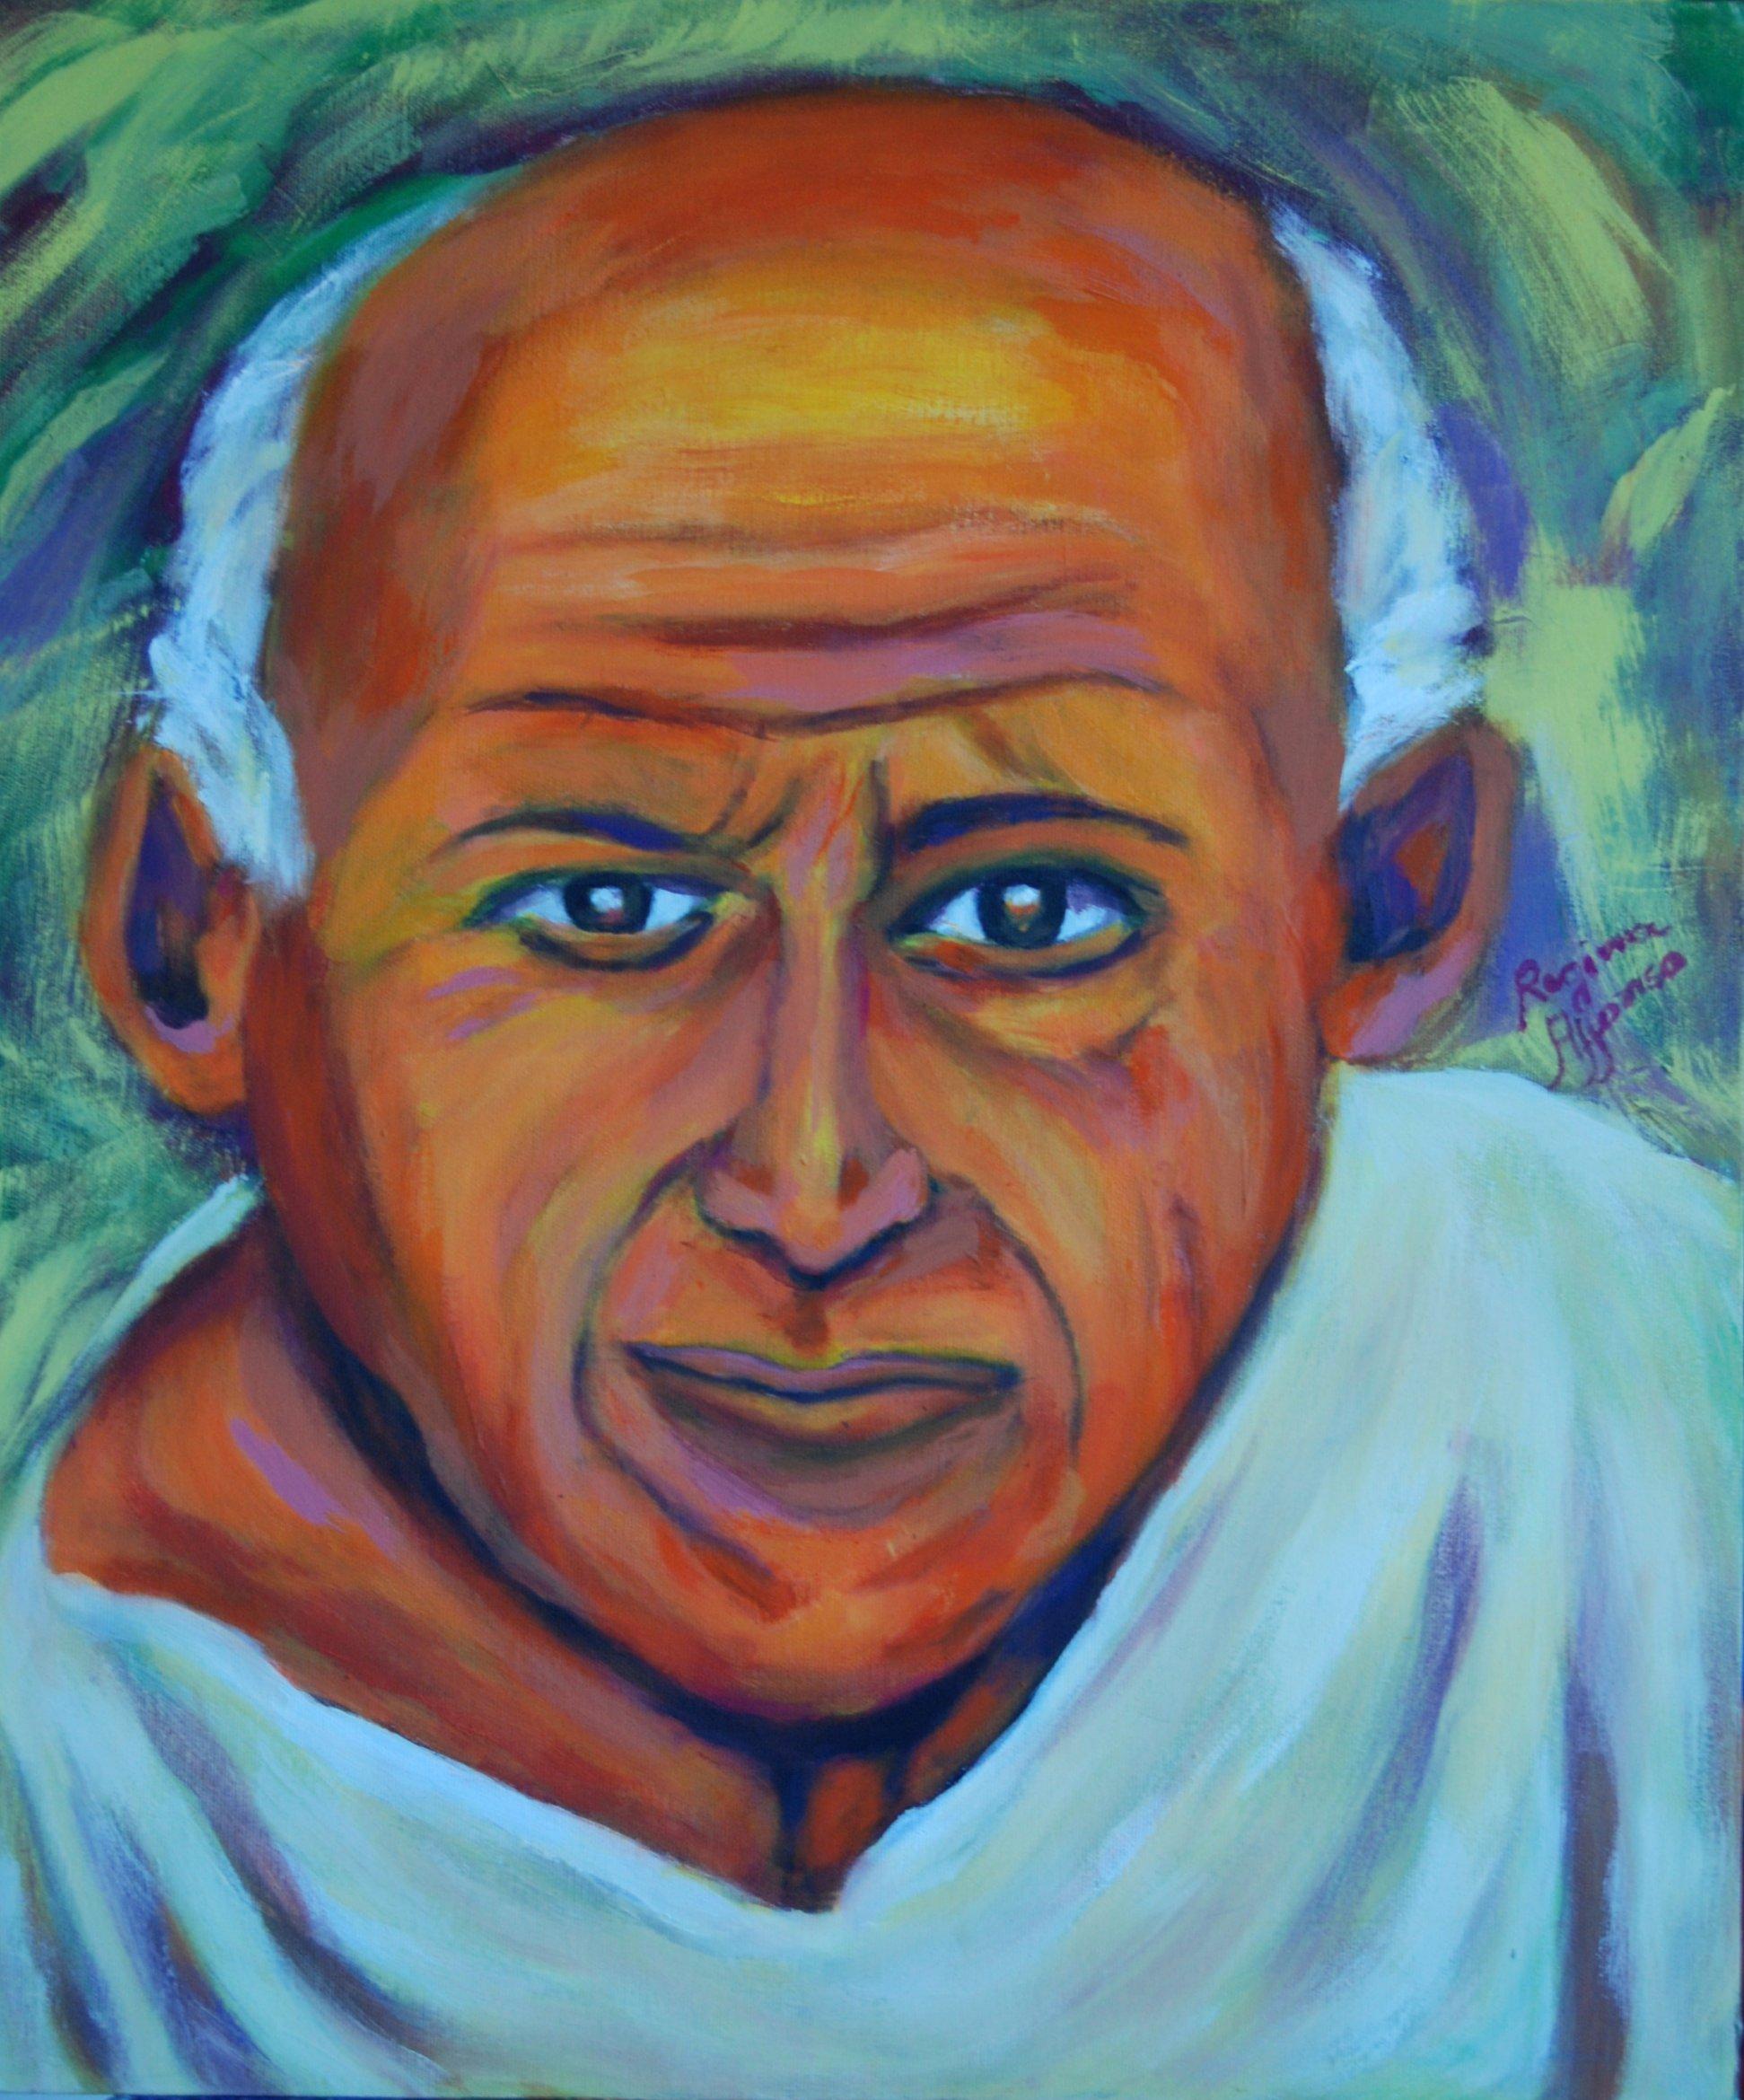 Homenagem à Picasso